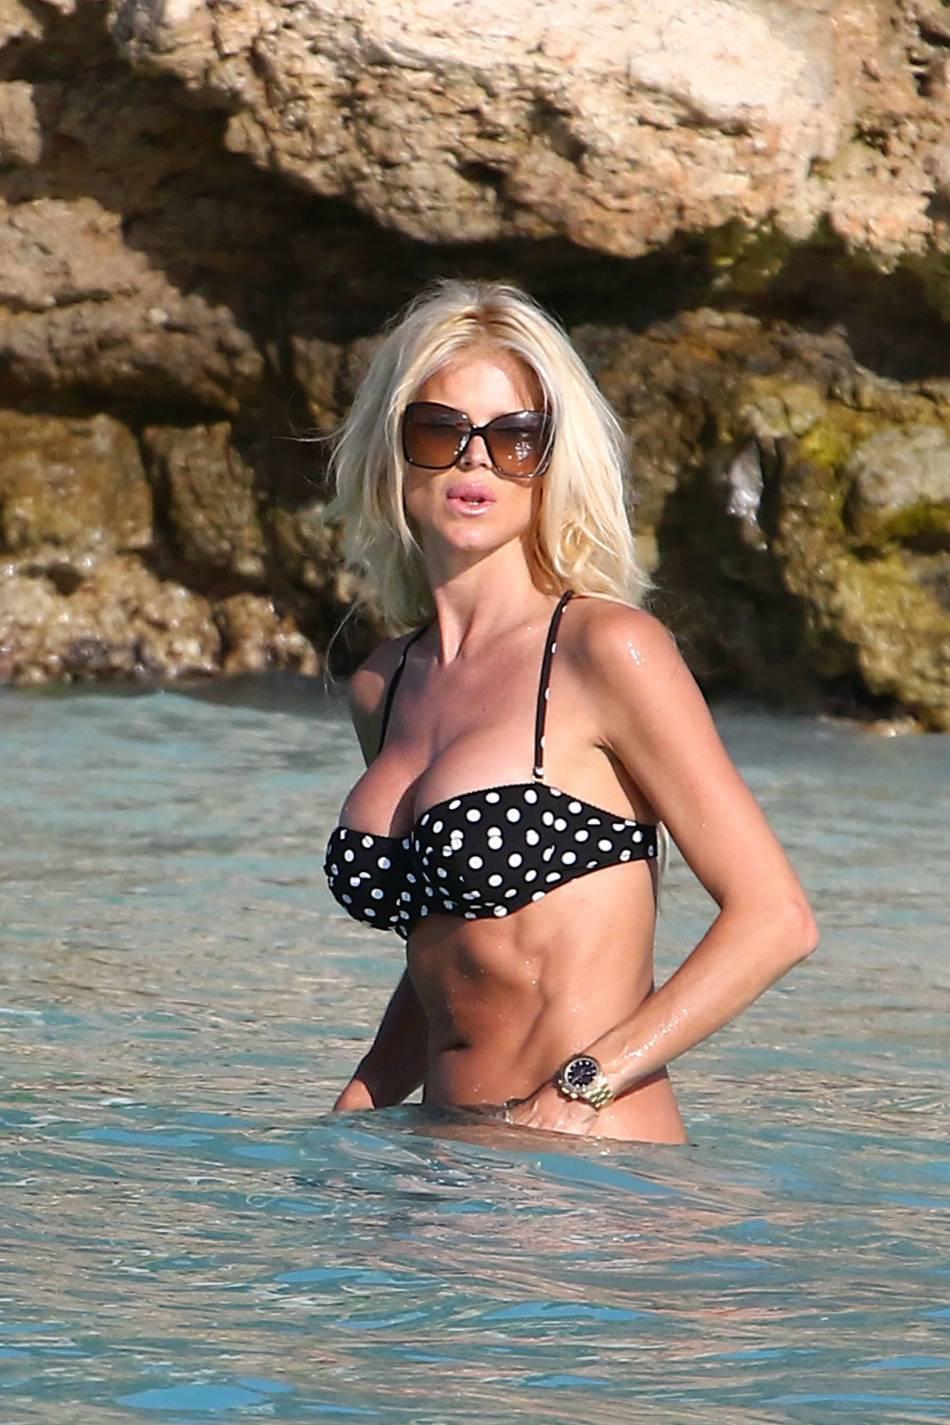 Victoria Silvstedt dévoile ses courbes de folie et son corps tonique dans un bikini à pois.